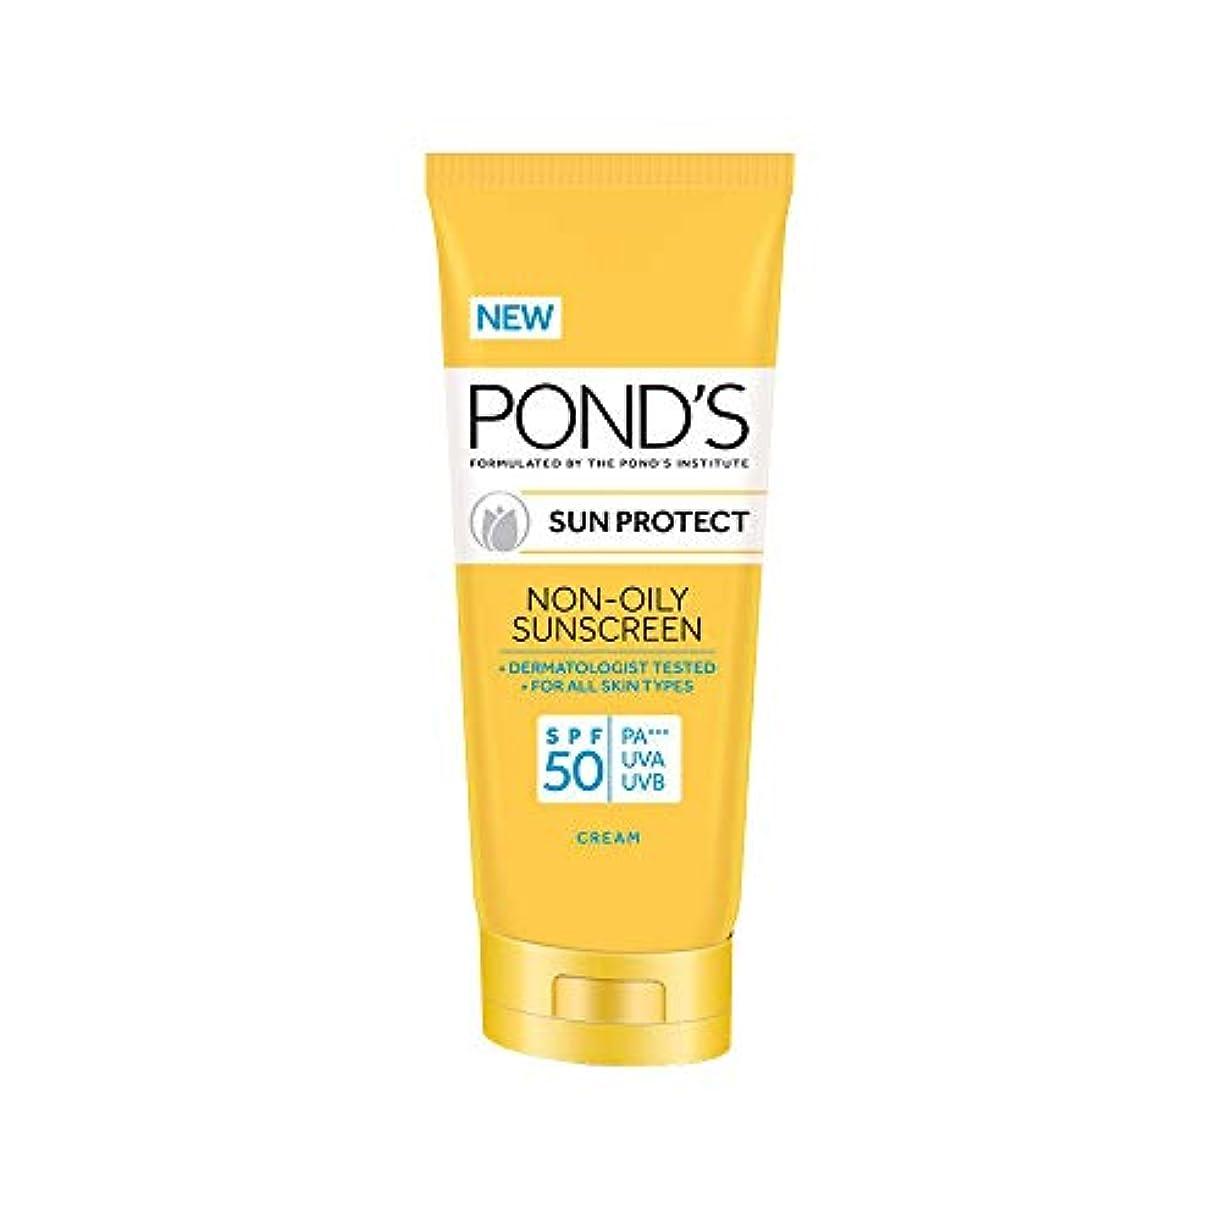 本体ハウジング配置POND'S SPF 50 Sun Protect Non-Oily Sunscreen, 80 g